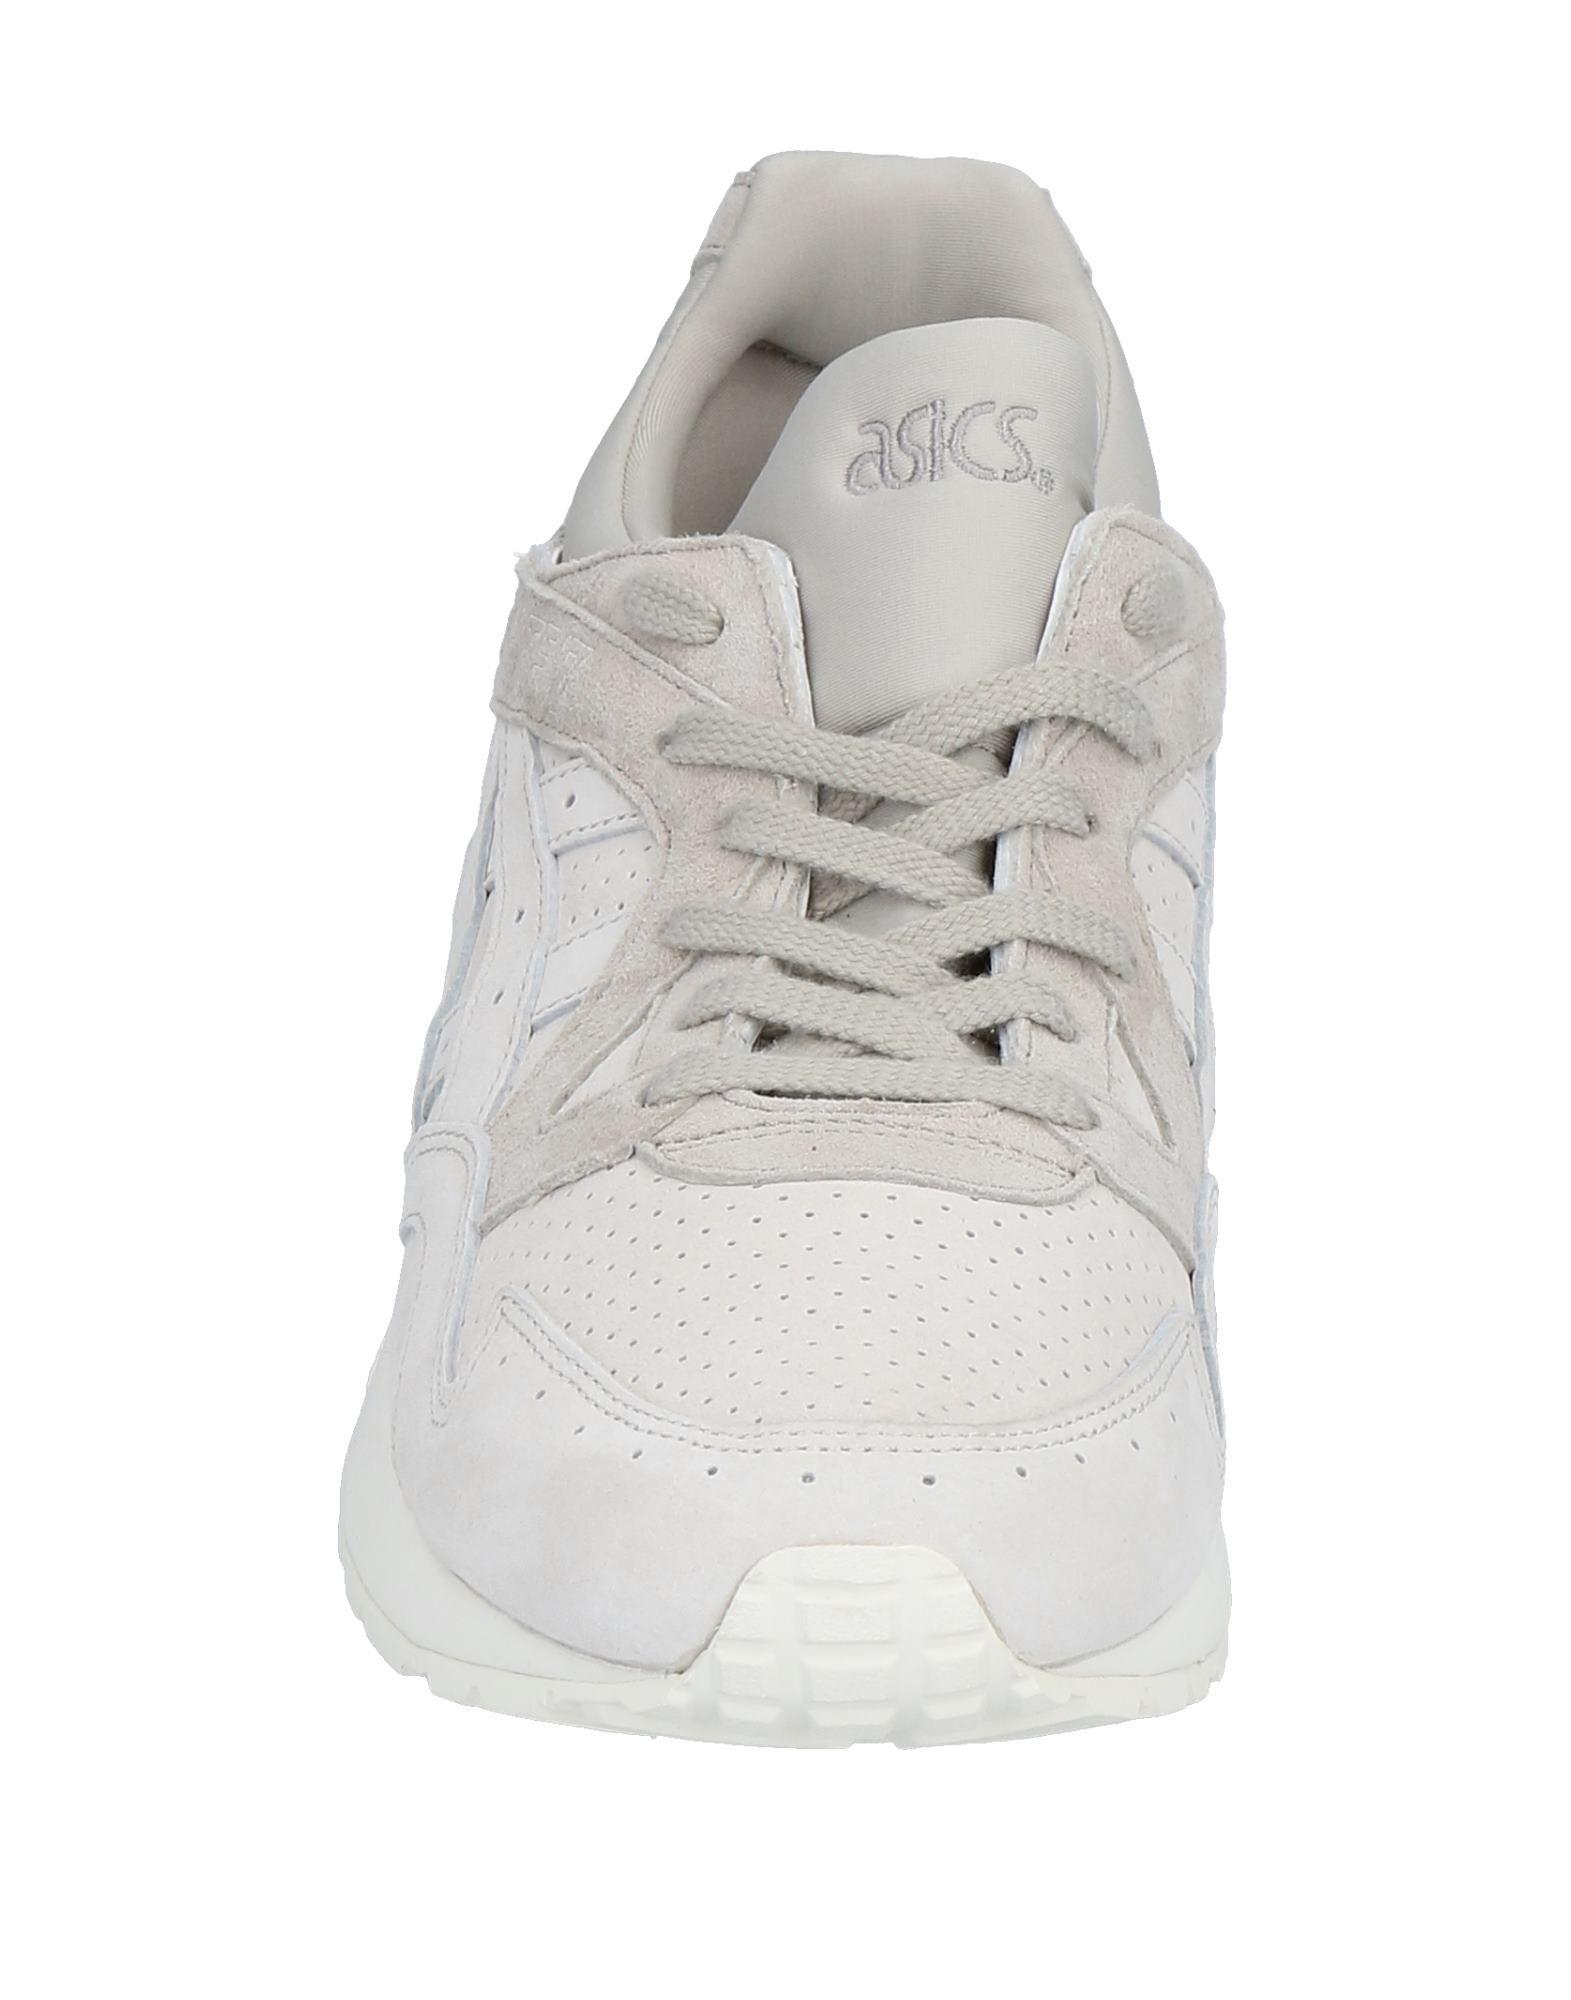 Asics 11535914BR Tiger Sneakers Herren  11535914BR Asics f5c313